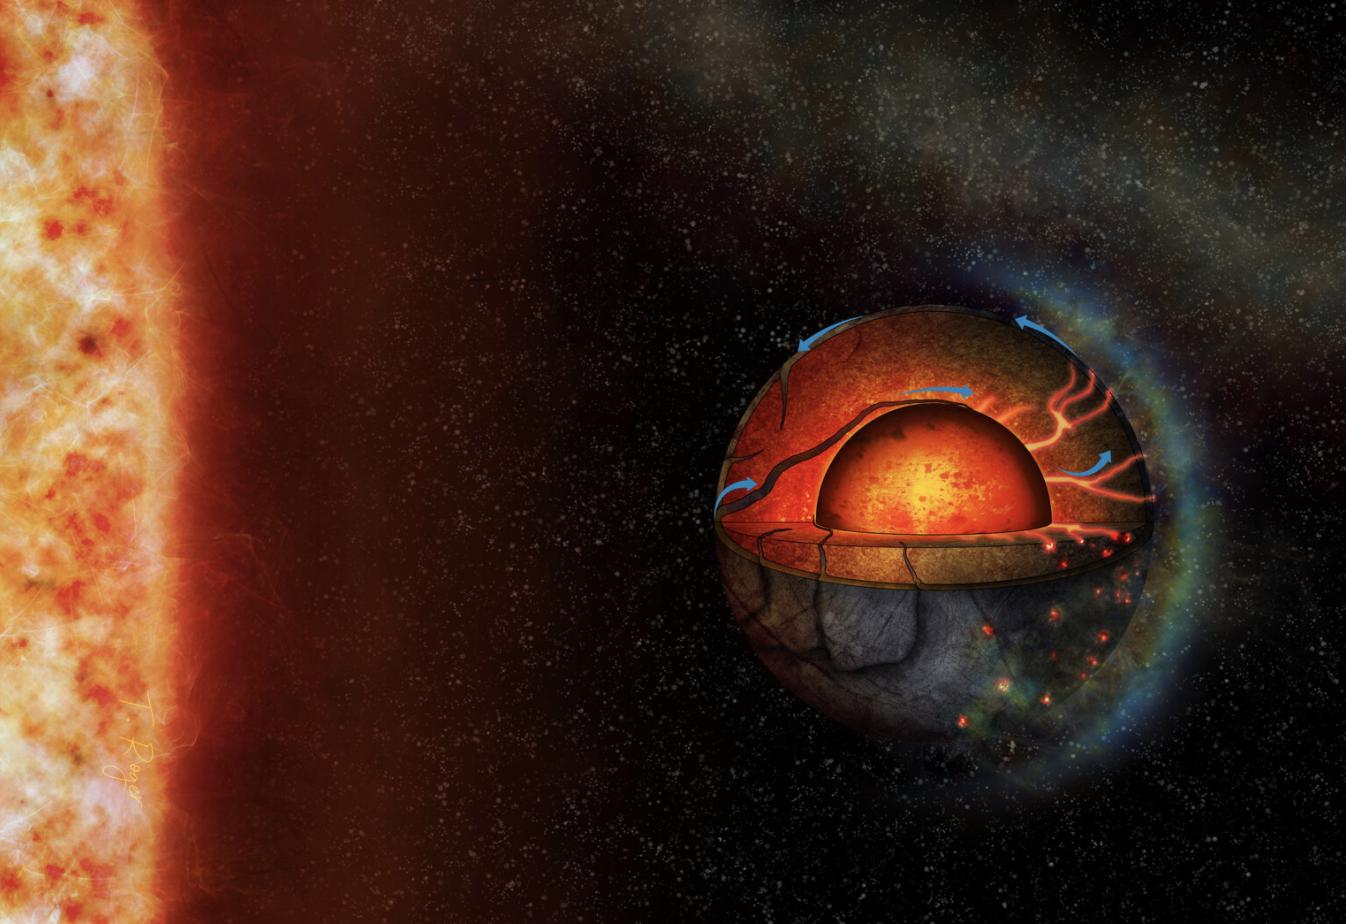 Astrónomos encuentran la primera evidencia de actividad volcánica en un exoplaneta